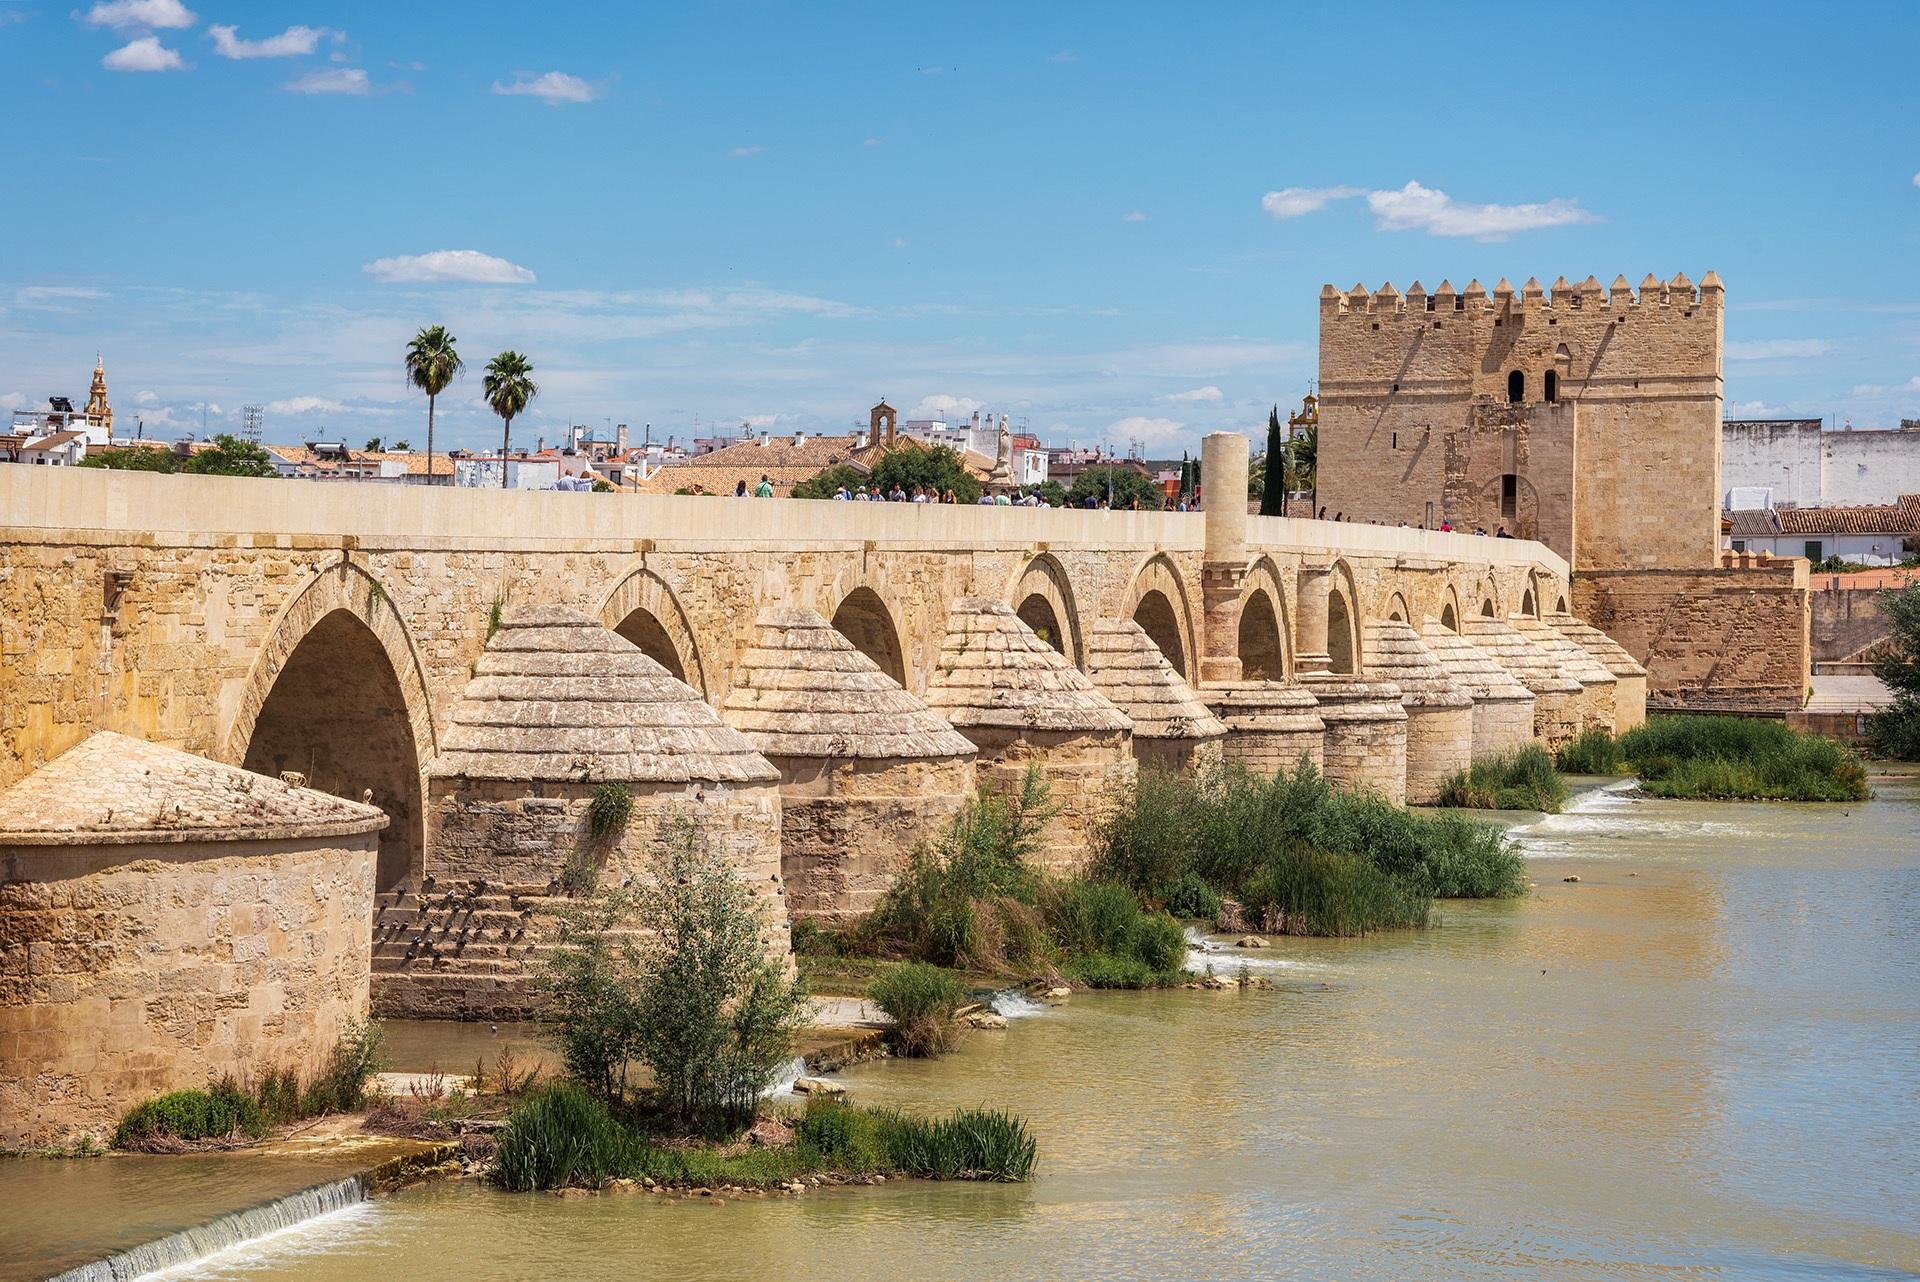 2333 Crete's conquest from Cordova